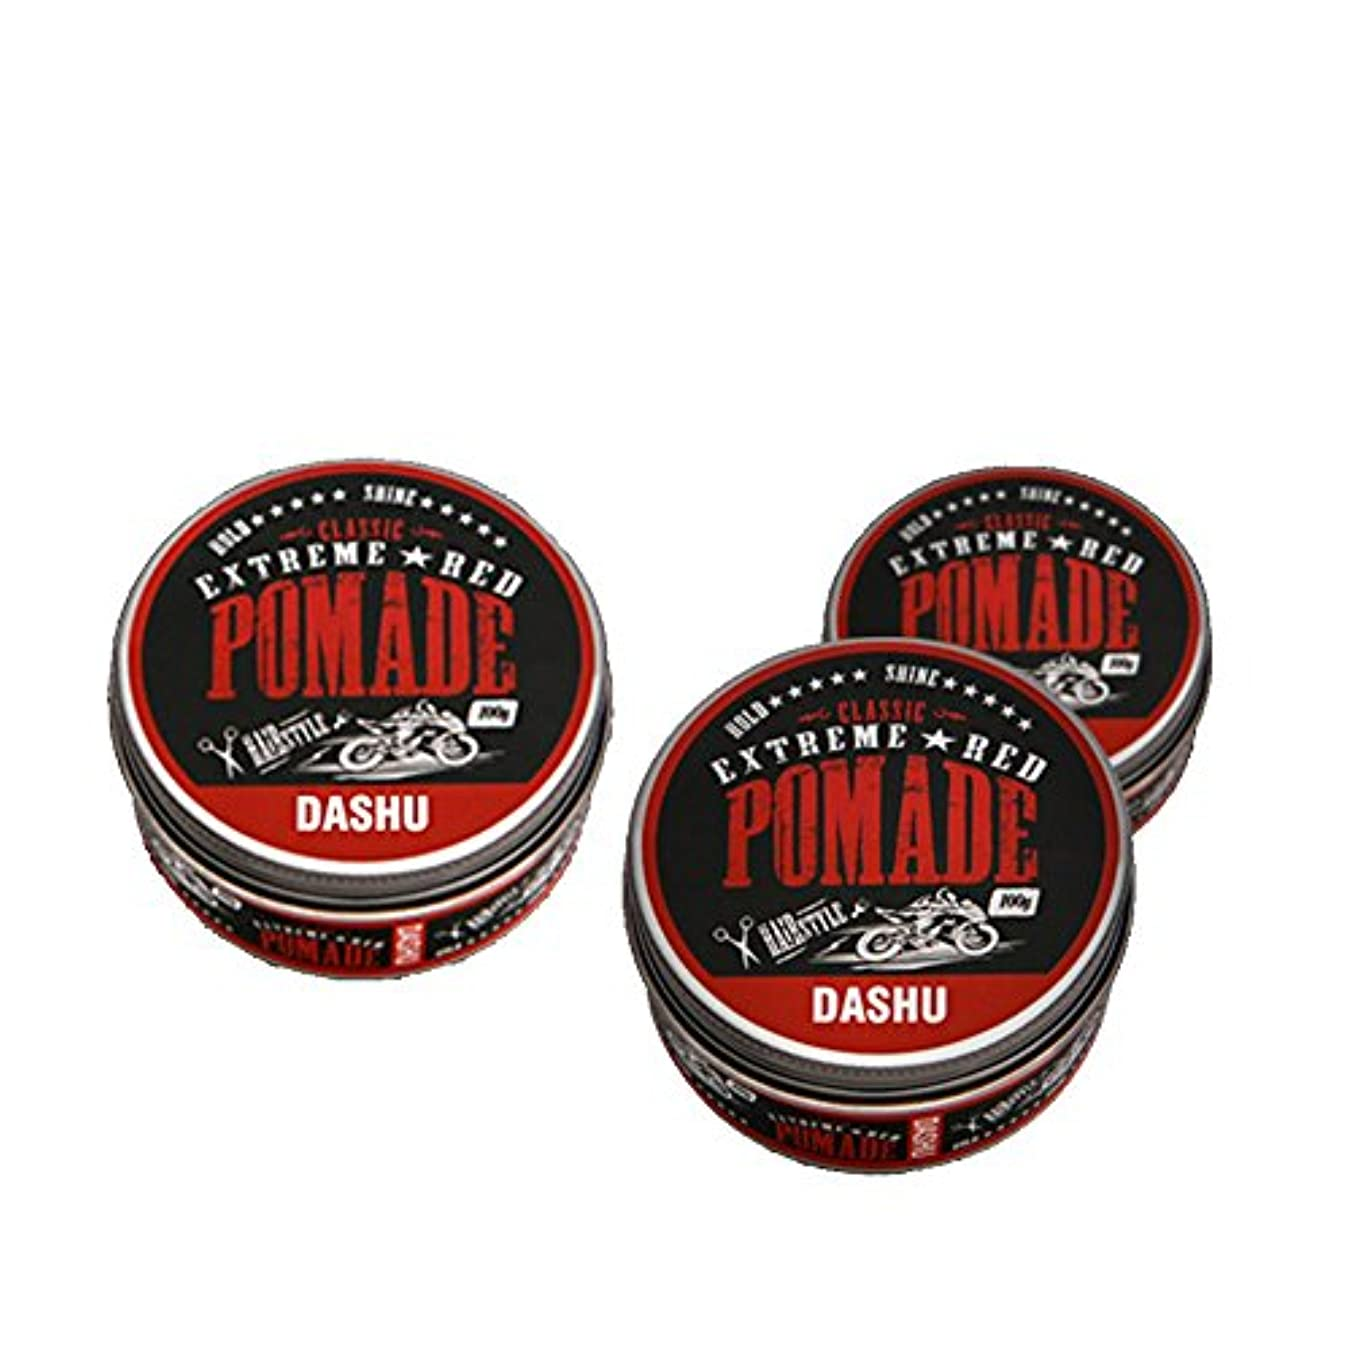 送るケーブルカー銅(3個セット) x [DASHU] ダシュ クラシックエクストリームレッドポマード Classic Extreme Red Pomade Hair Wax 100ml / 韓国製 . 韓国直送品